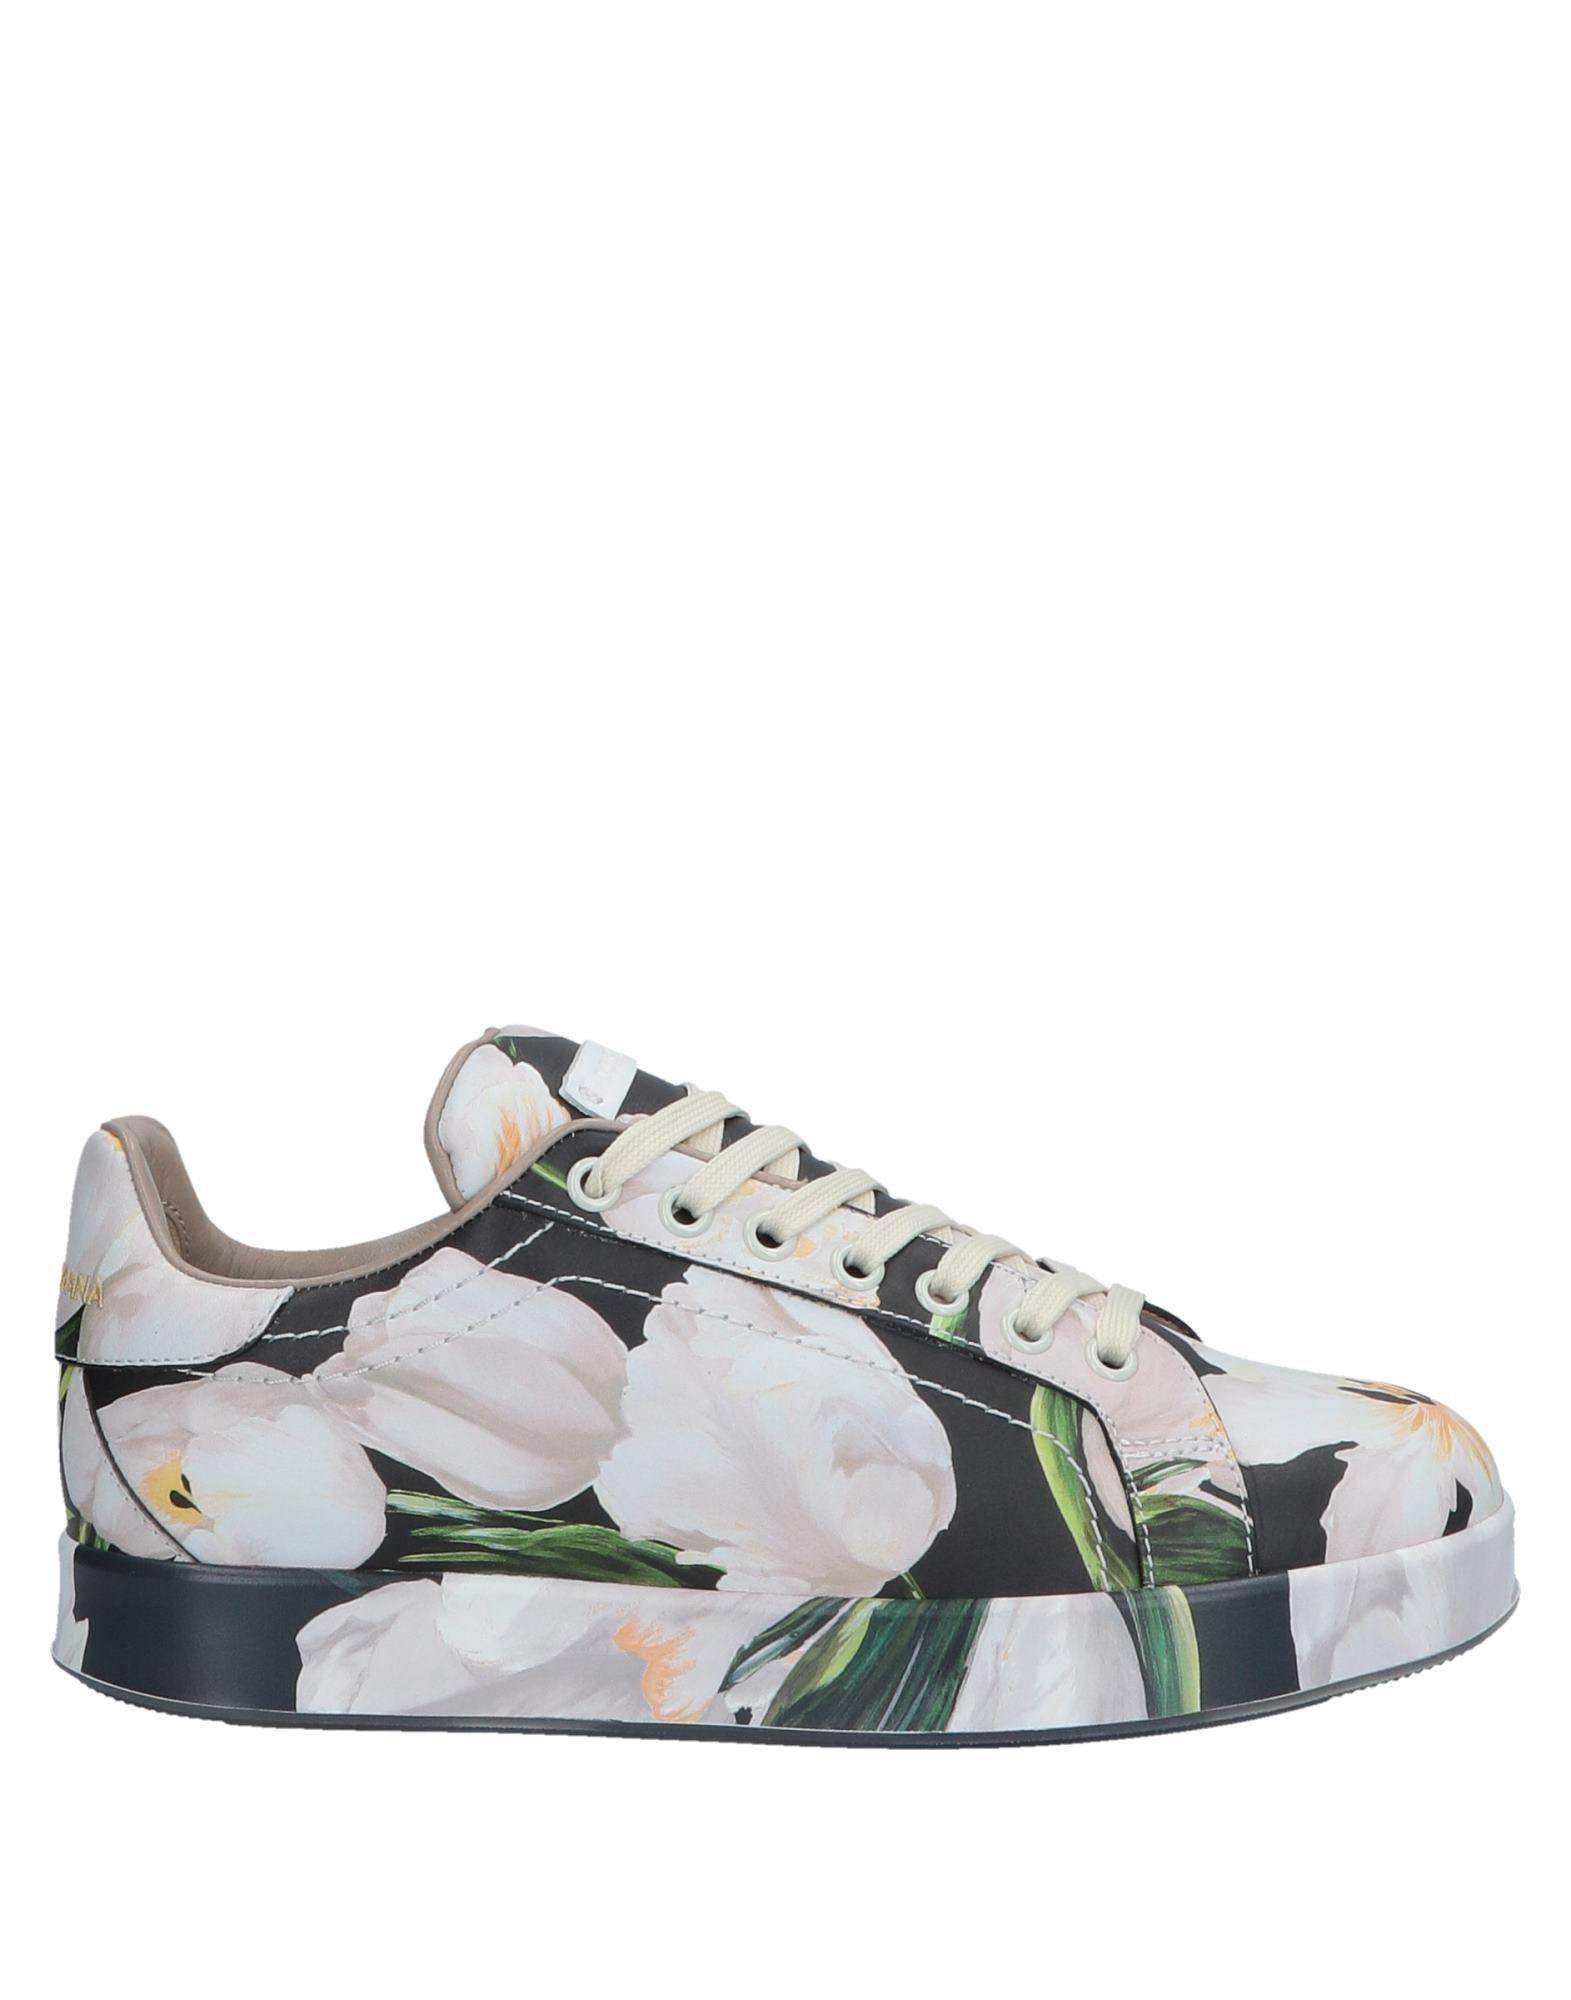 Dolce & Gabbana Sneakers - Women online Dolce & Gabbana Sneakers online Women on  Australia - 11572364ME 8c532b